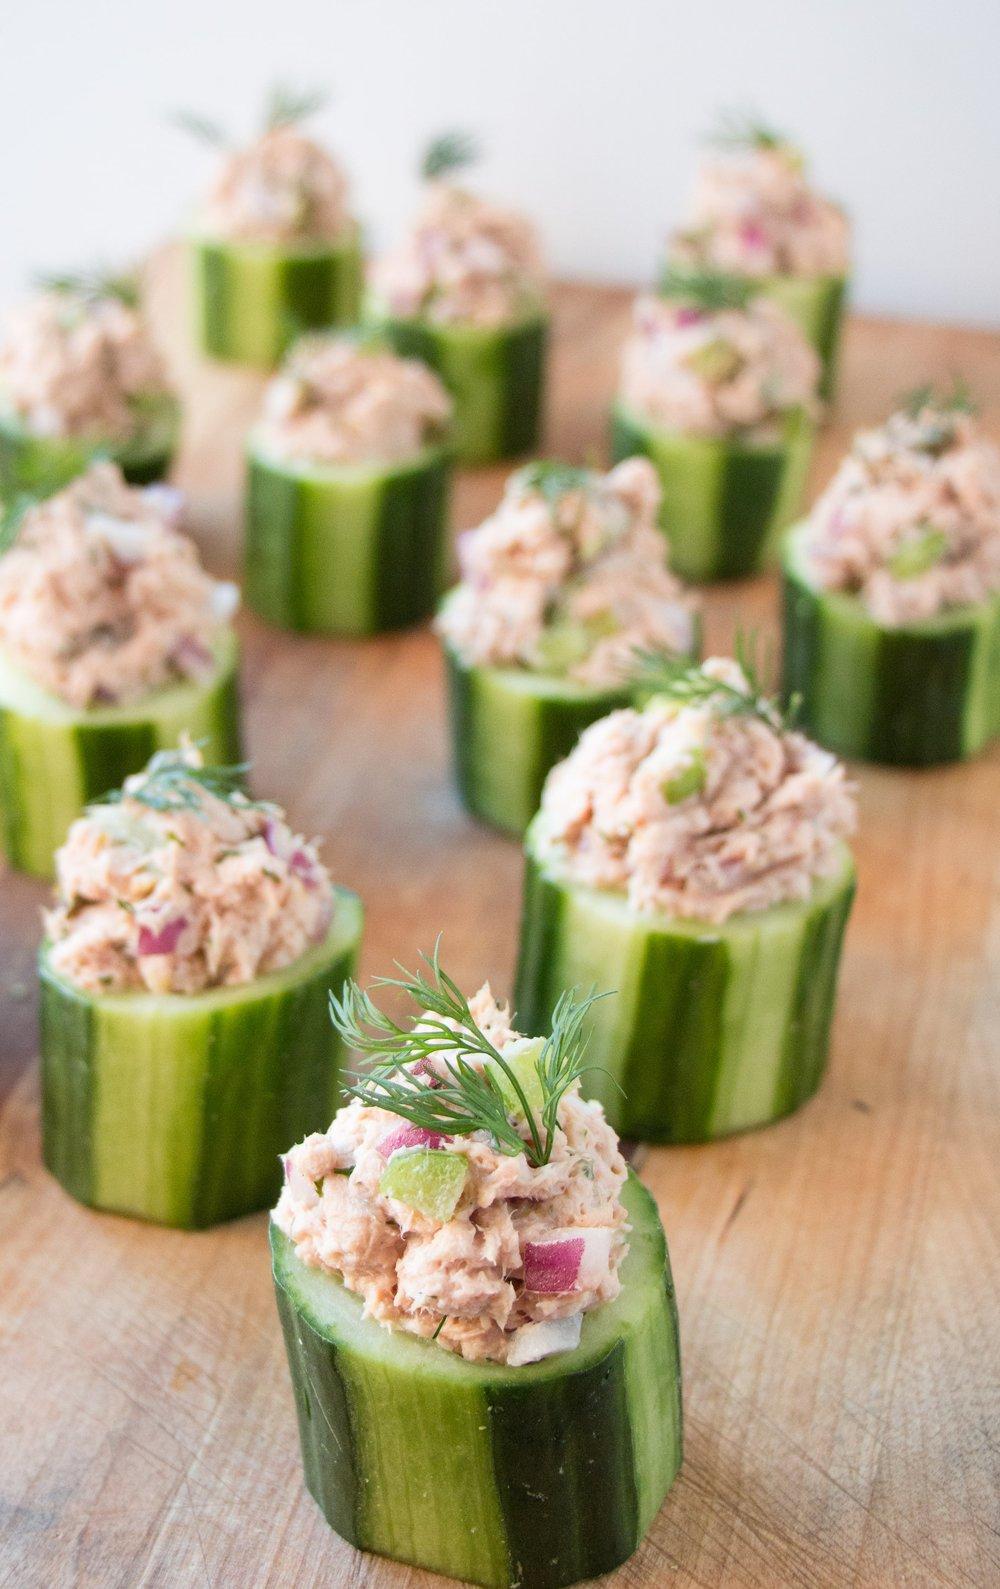 Tuna Cucumber Cups